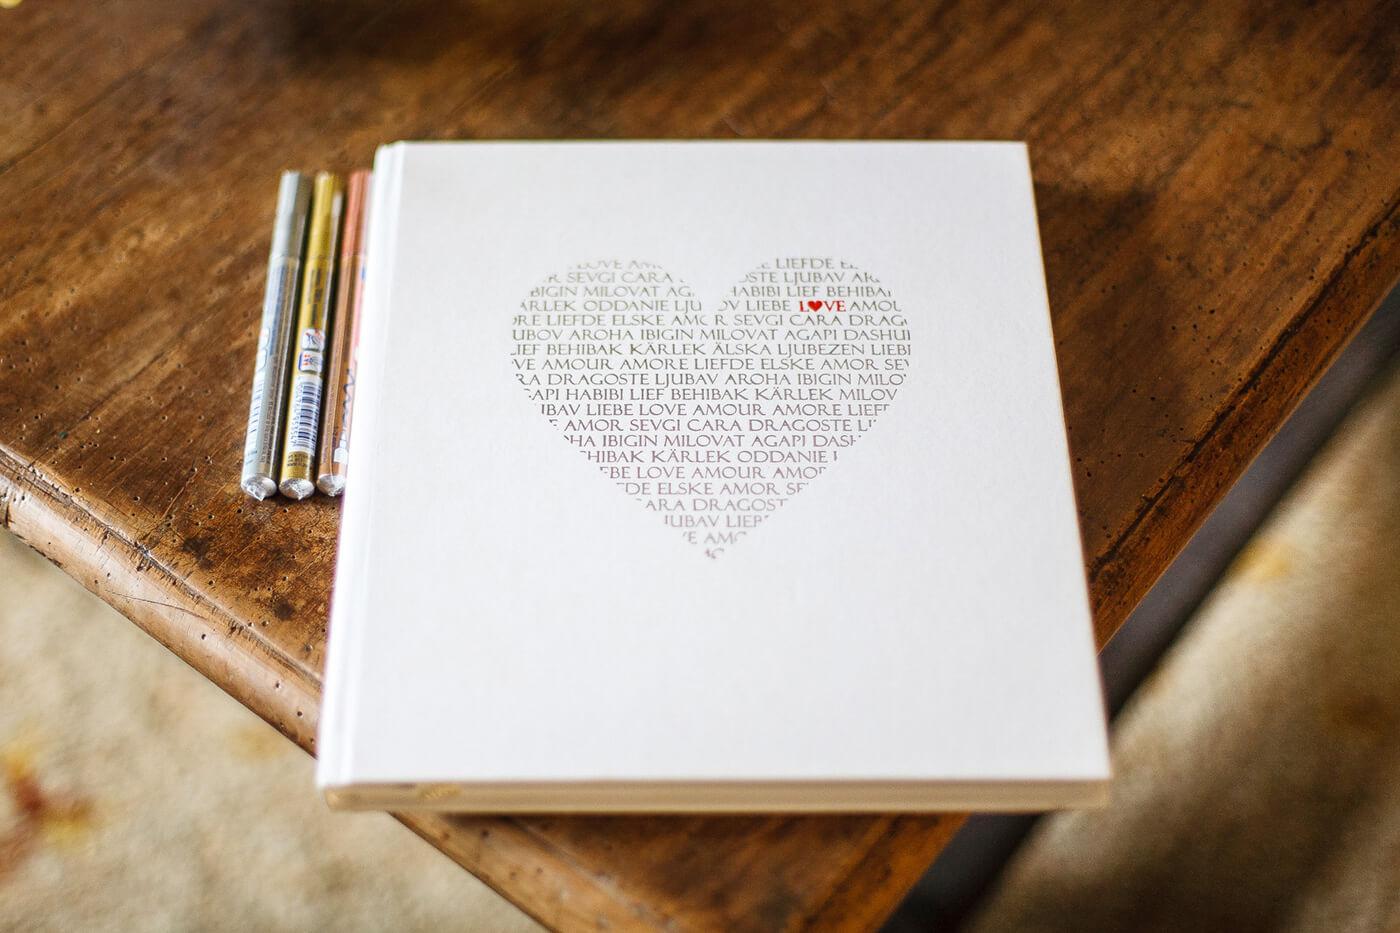 hochzeitsbuch selber basteln fotoalbum basteln machen hochzeitsalbum seite gestalten. Black Bedroom Furniture Sets. Home Design Ideas